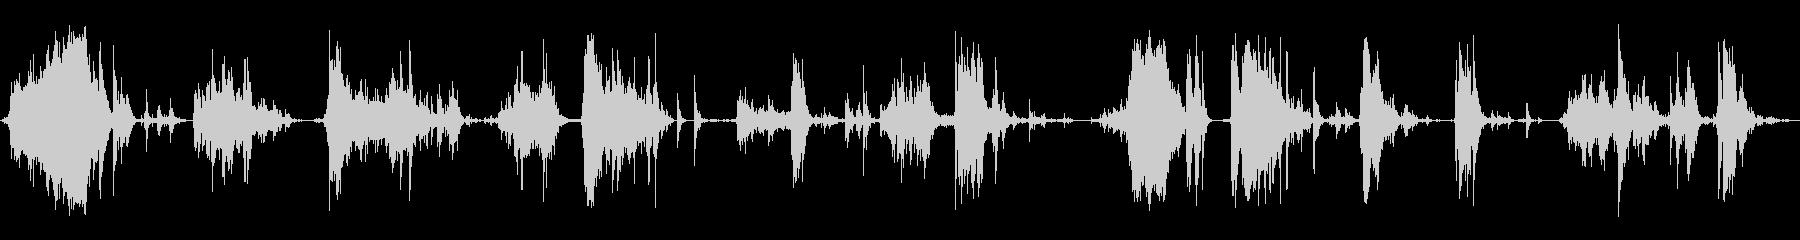 メタルデブリスクレープ5の未再生の波形